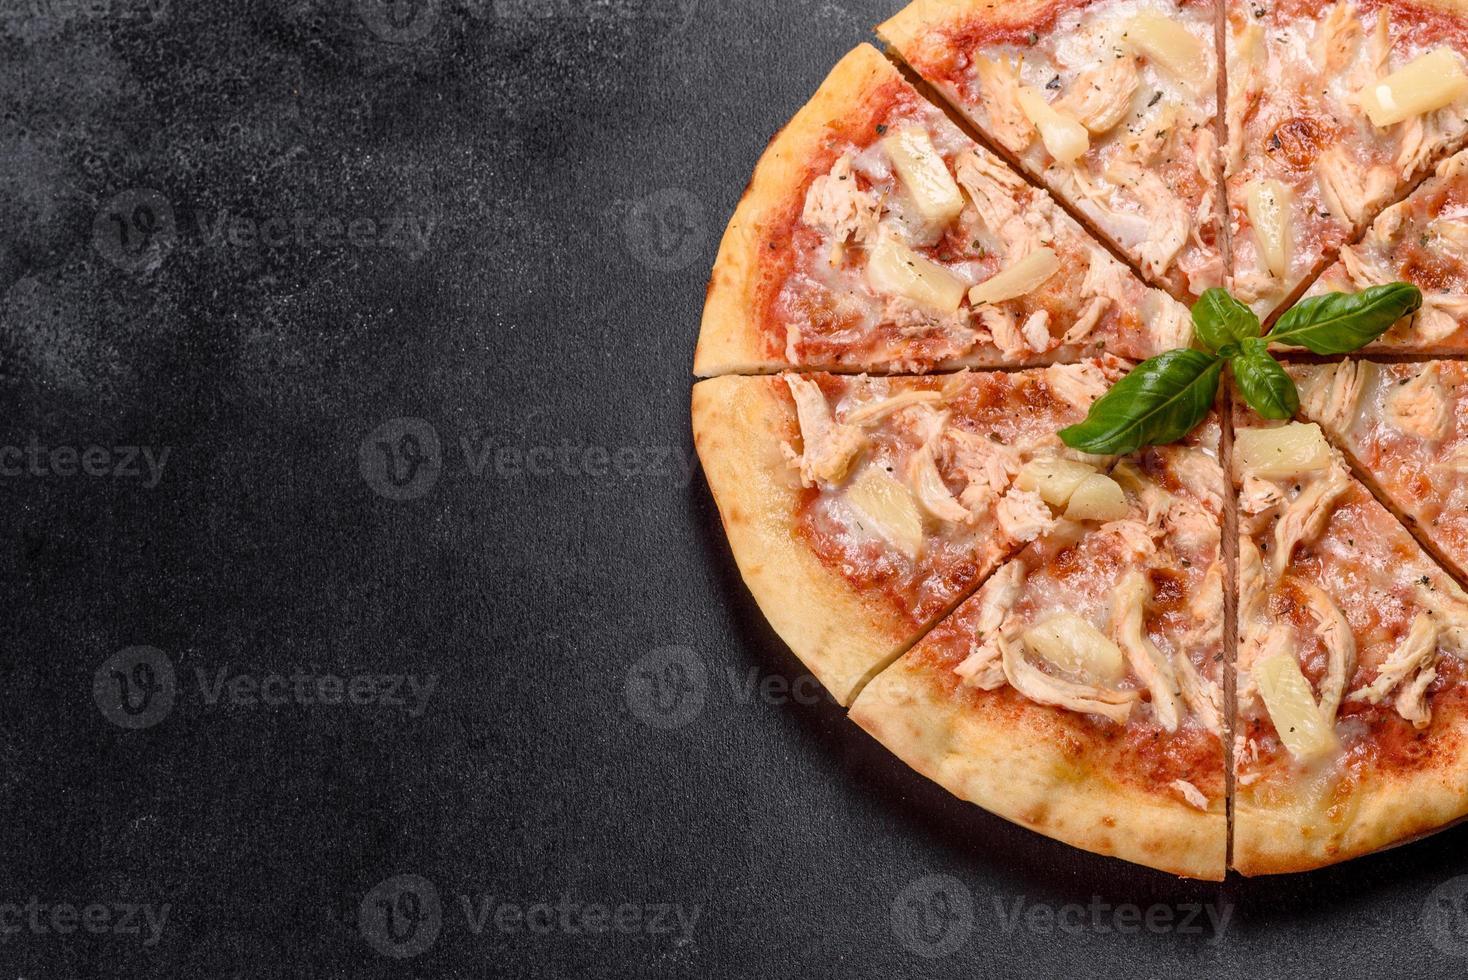 Sabrosa pizza recién horneada con tomate, queso y piña sobre un fondo de hormigón oscuro foto